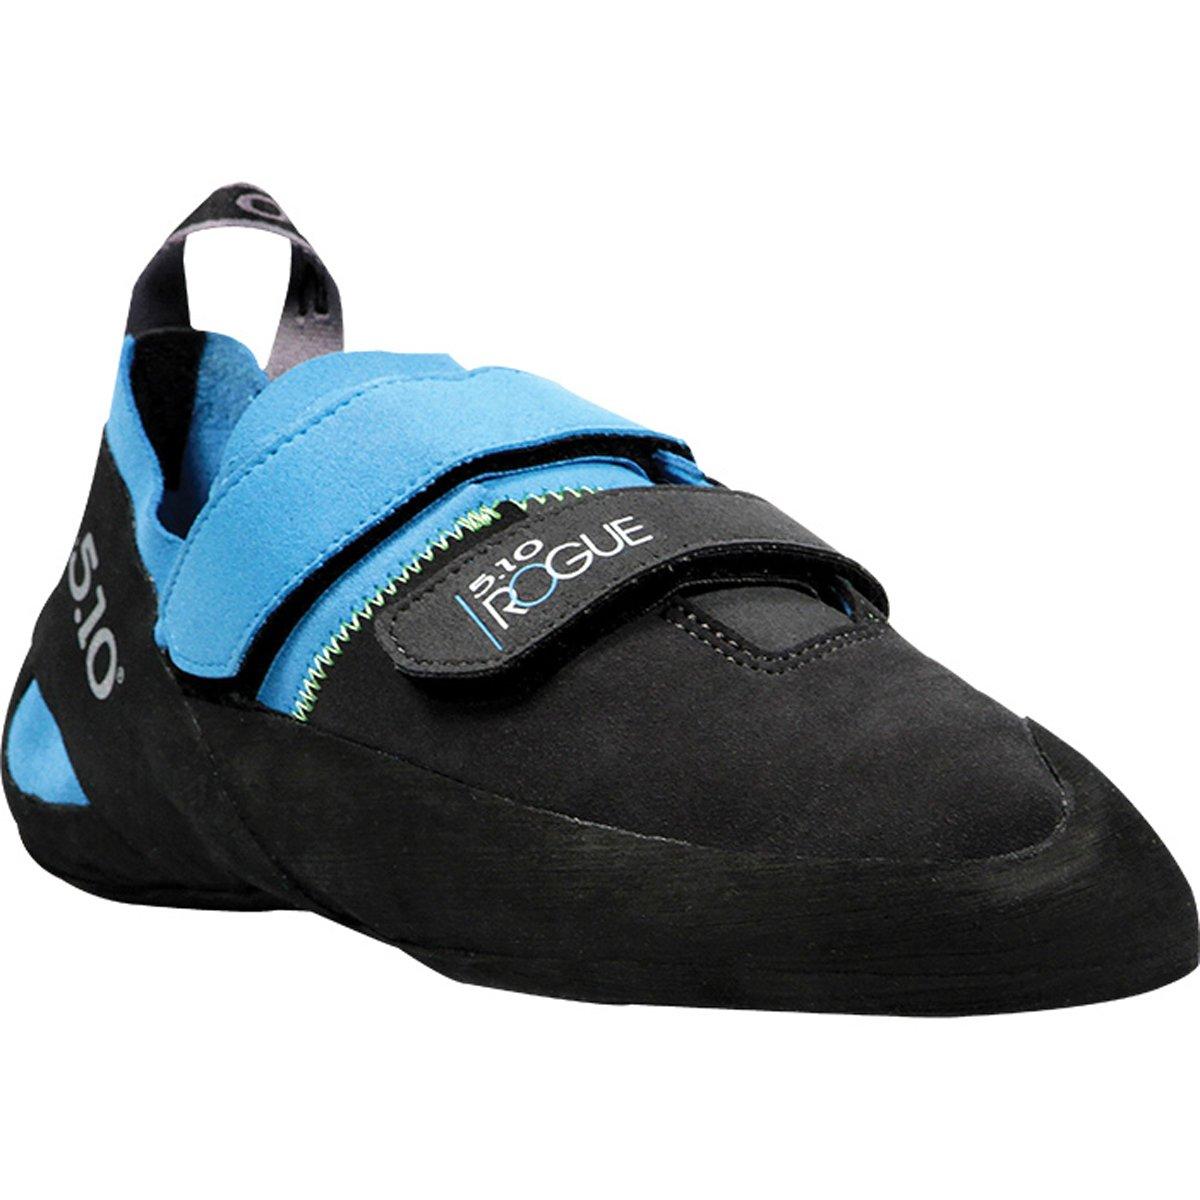 Five Ten Men's Rogue VCS Climbing Shoe,Neon Blue/Charcoal,11.5 M US